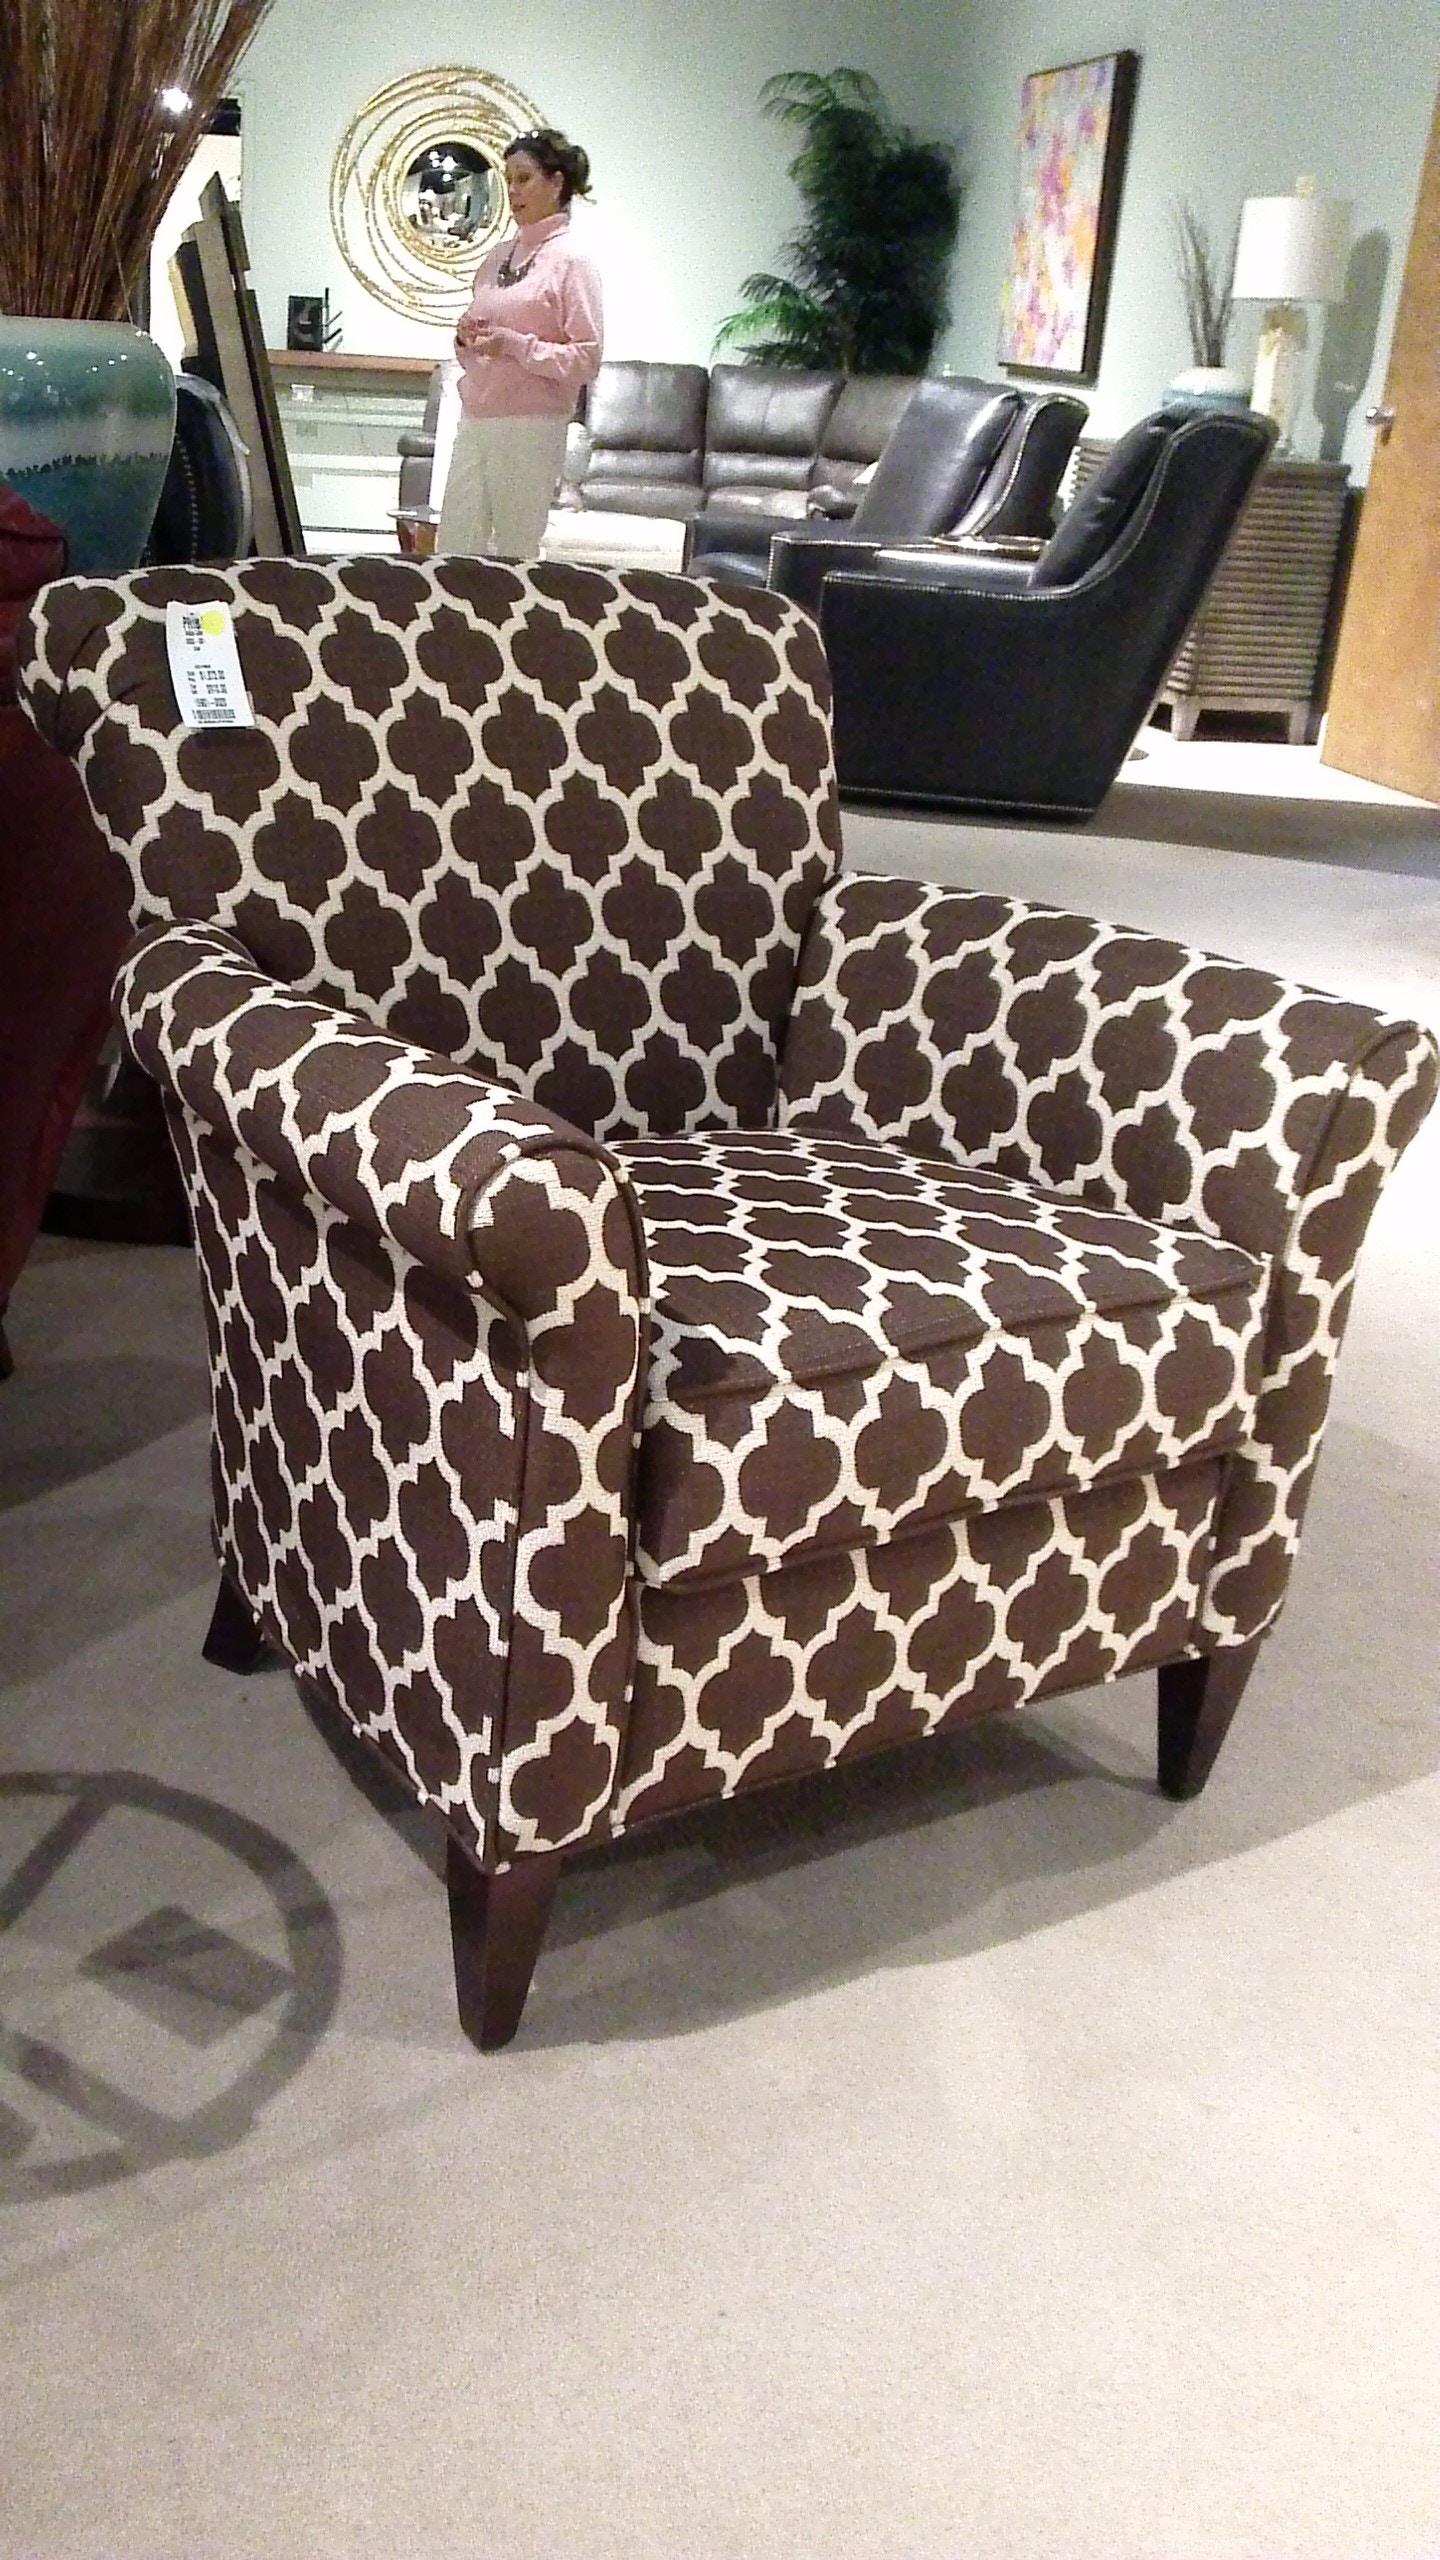 Clearance Chair PR0522 001